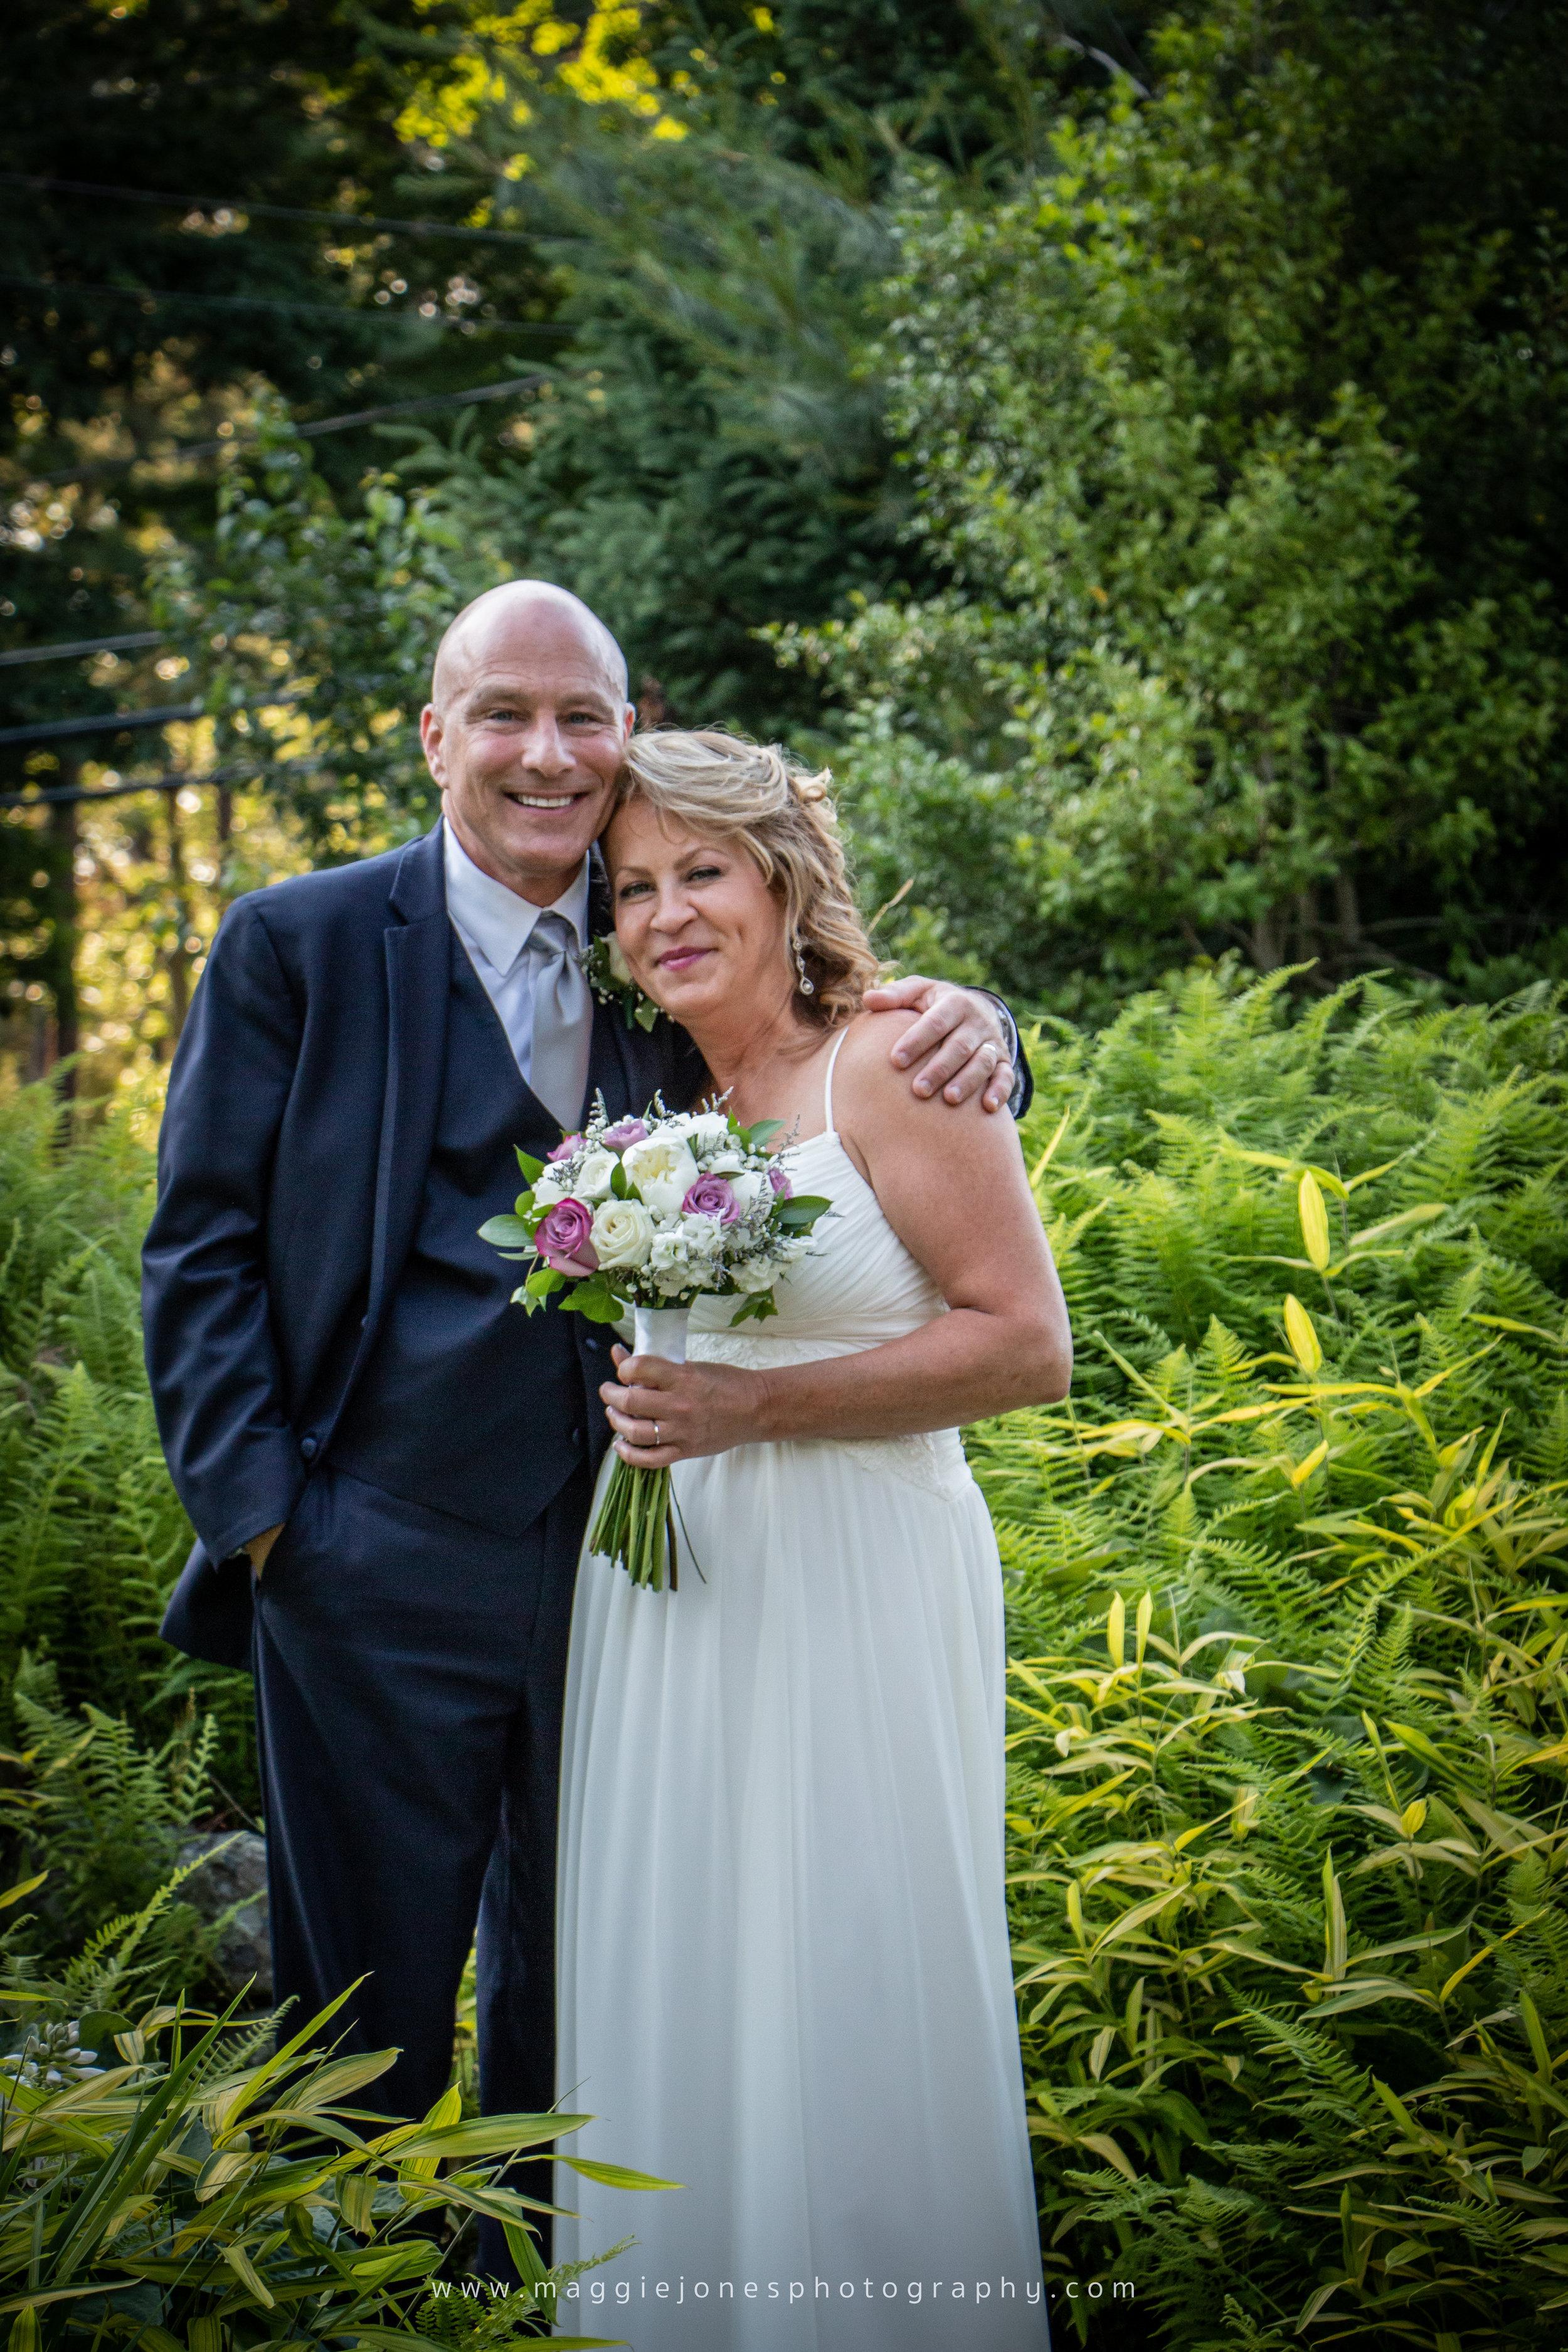 Susan+DanielWahleWedding_BLOG-1-20.jpg